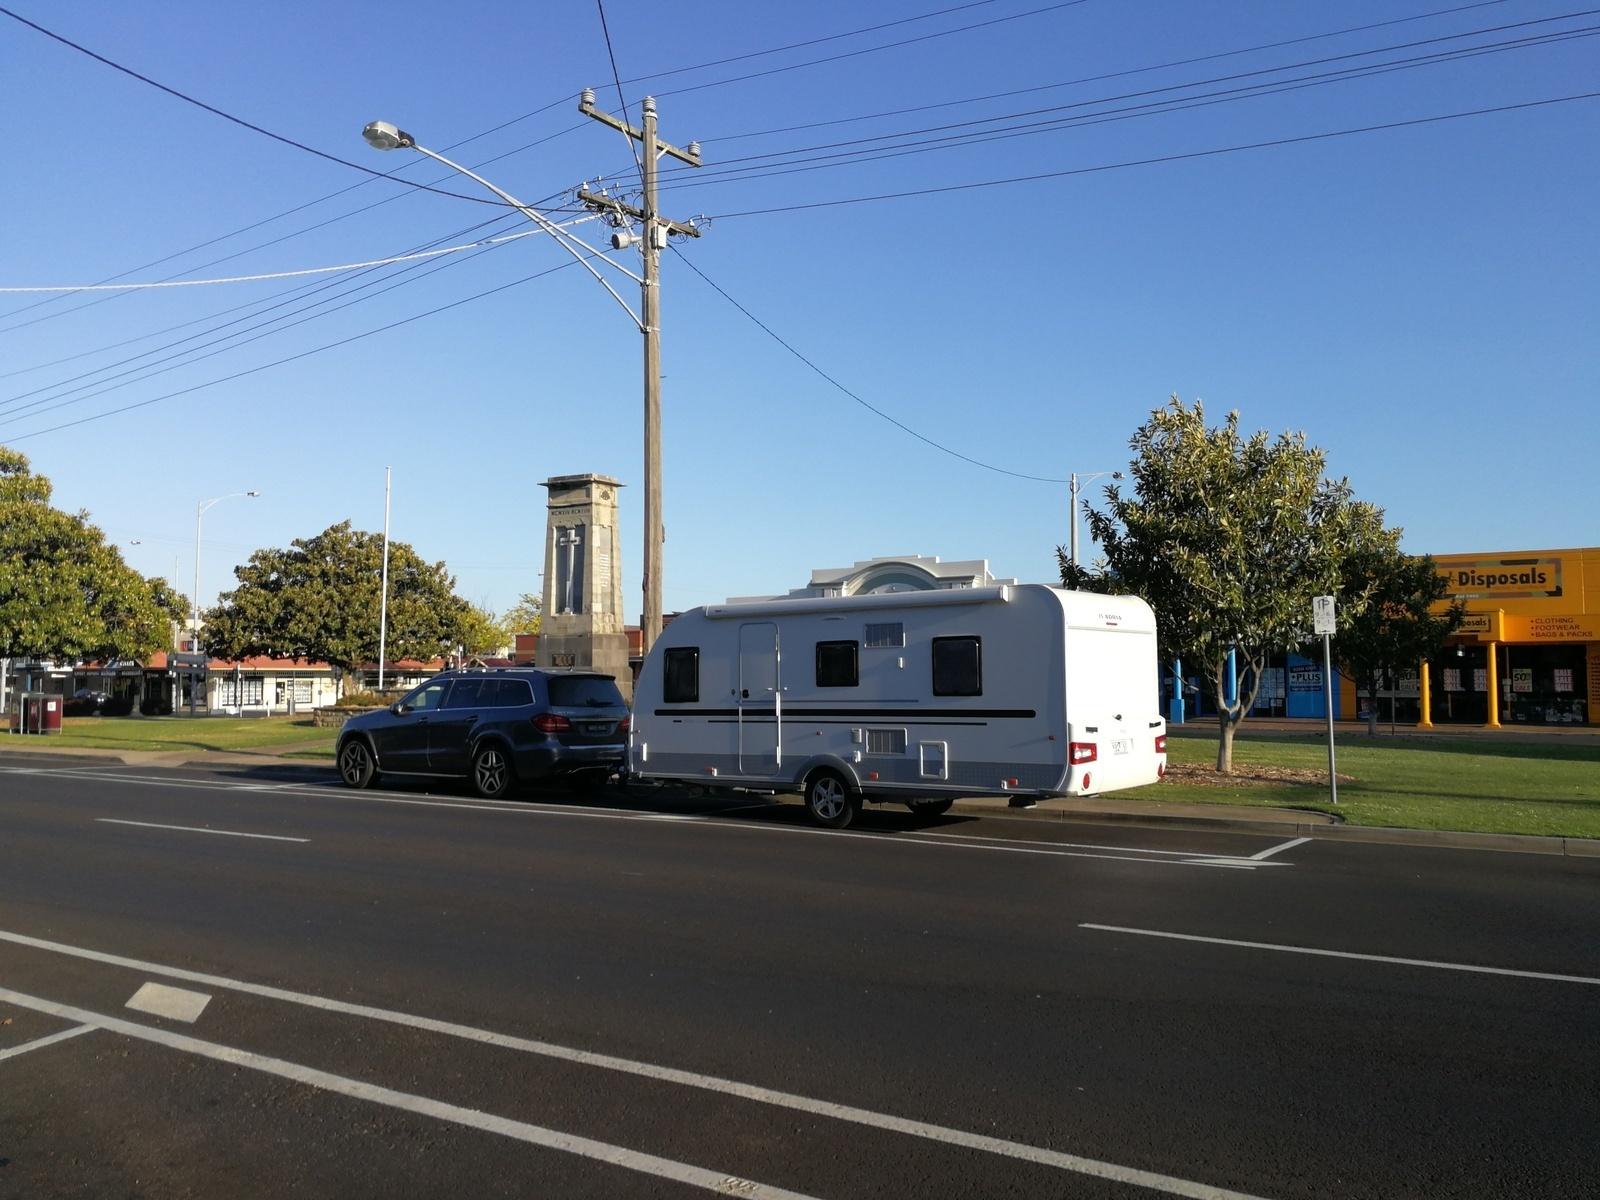 Adria famlily caravan - Cover Image